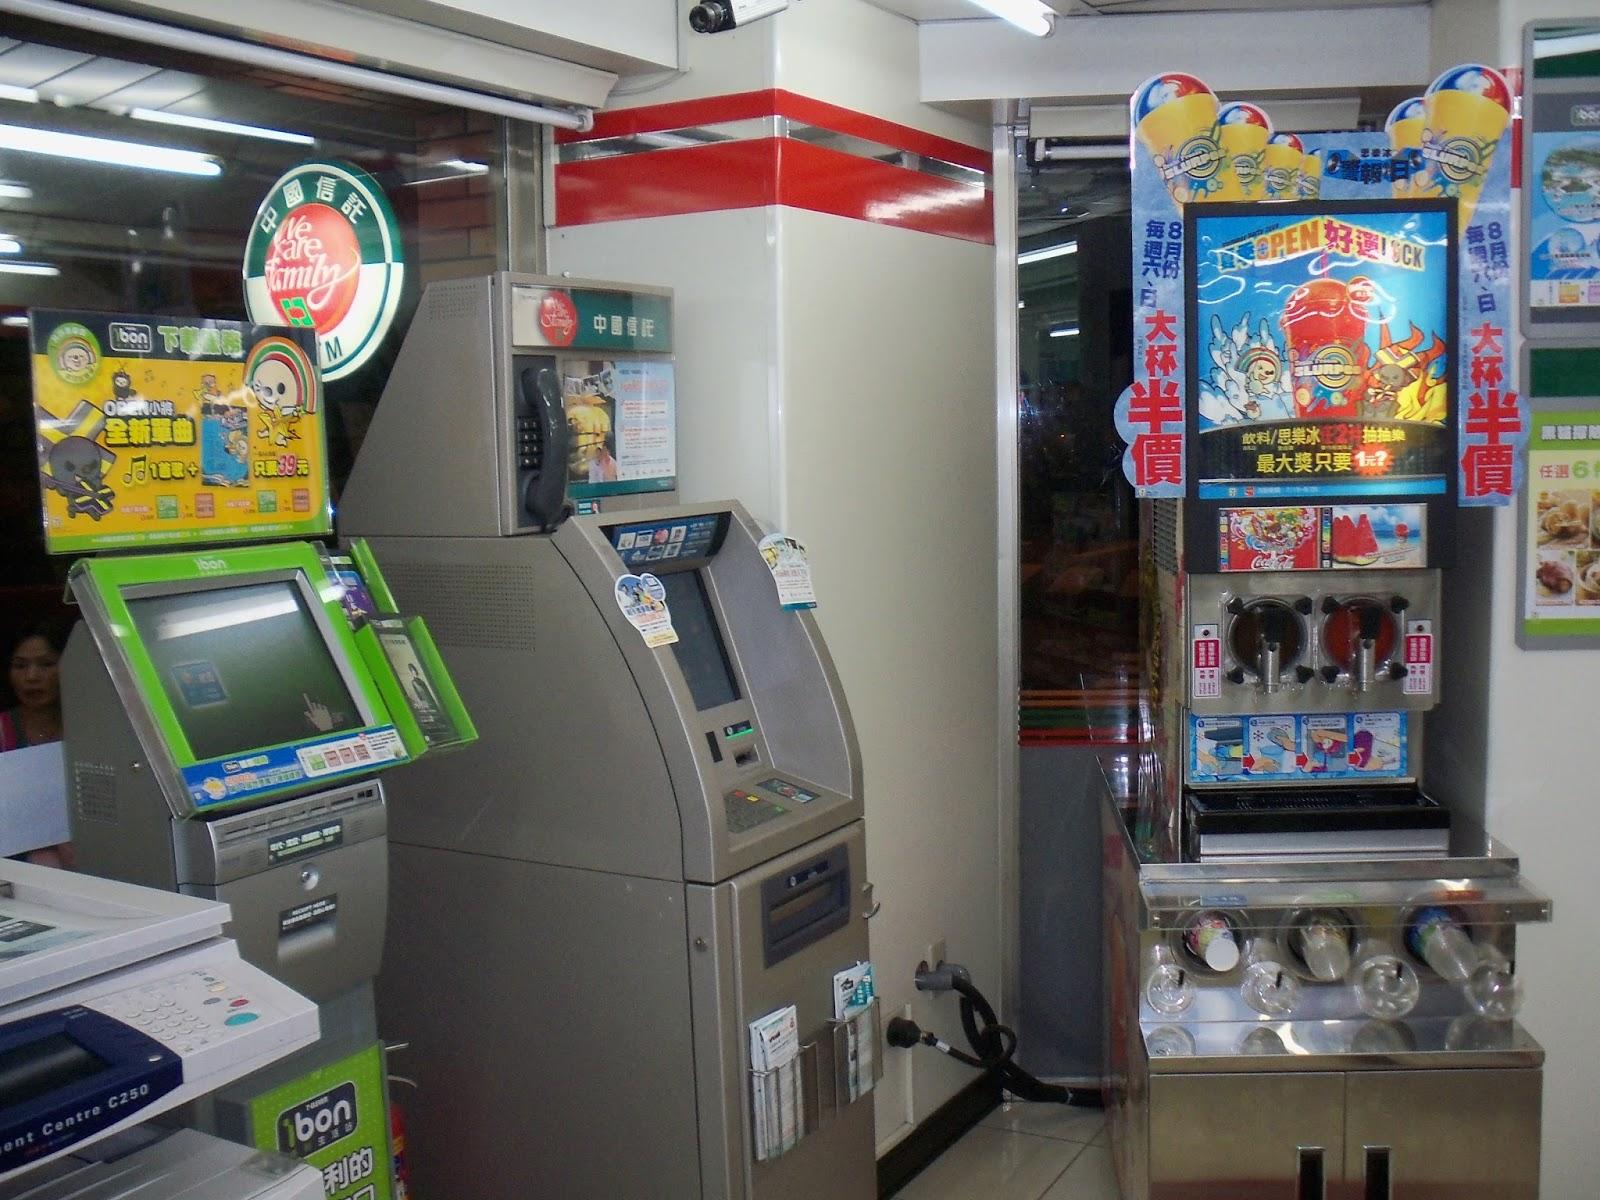 超商的ATM也能跨行存款囉!!! - 喬王的投資理財筆記